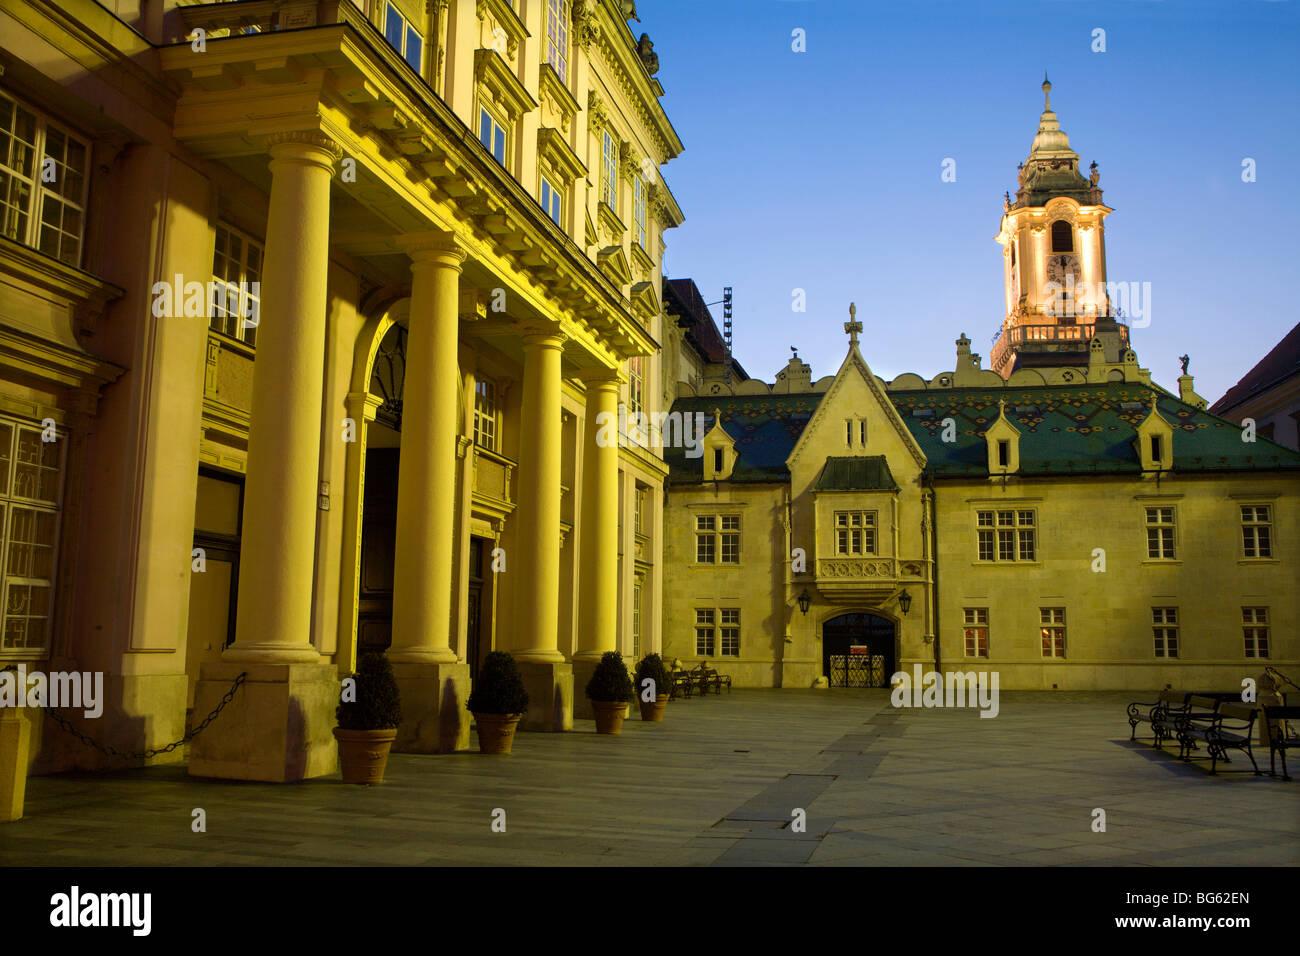 metropolitan palace and town-hall - Bratislava - evening - Stock Image